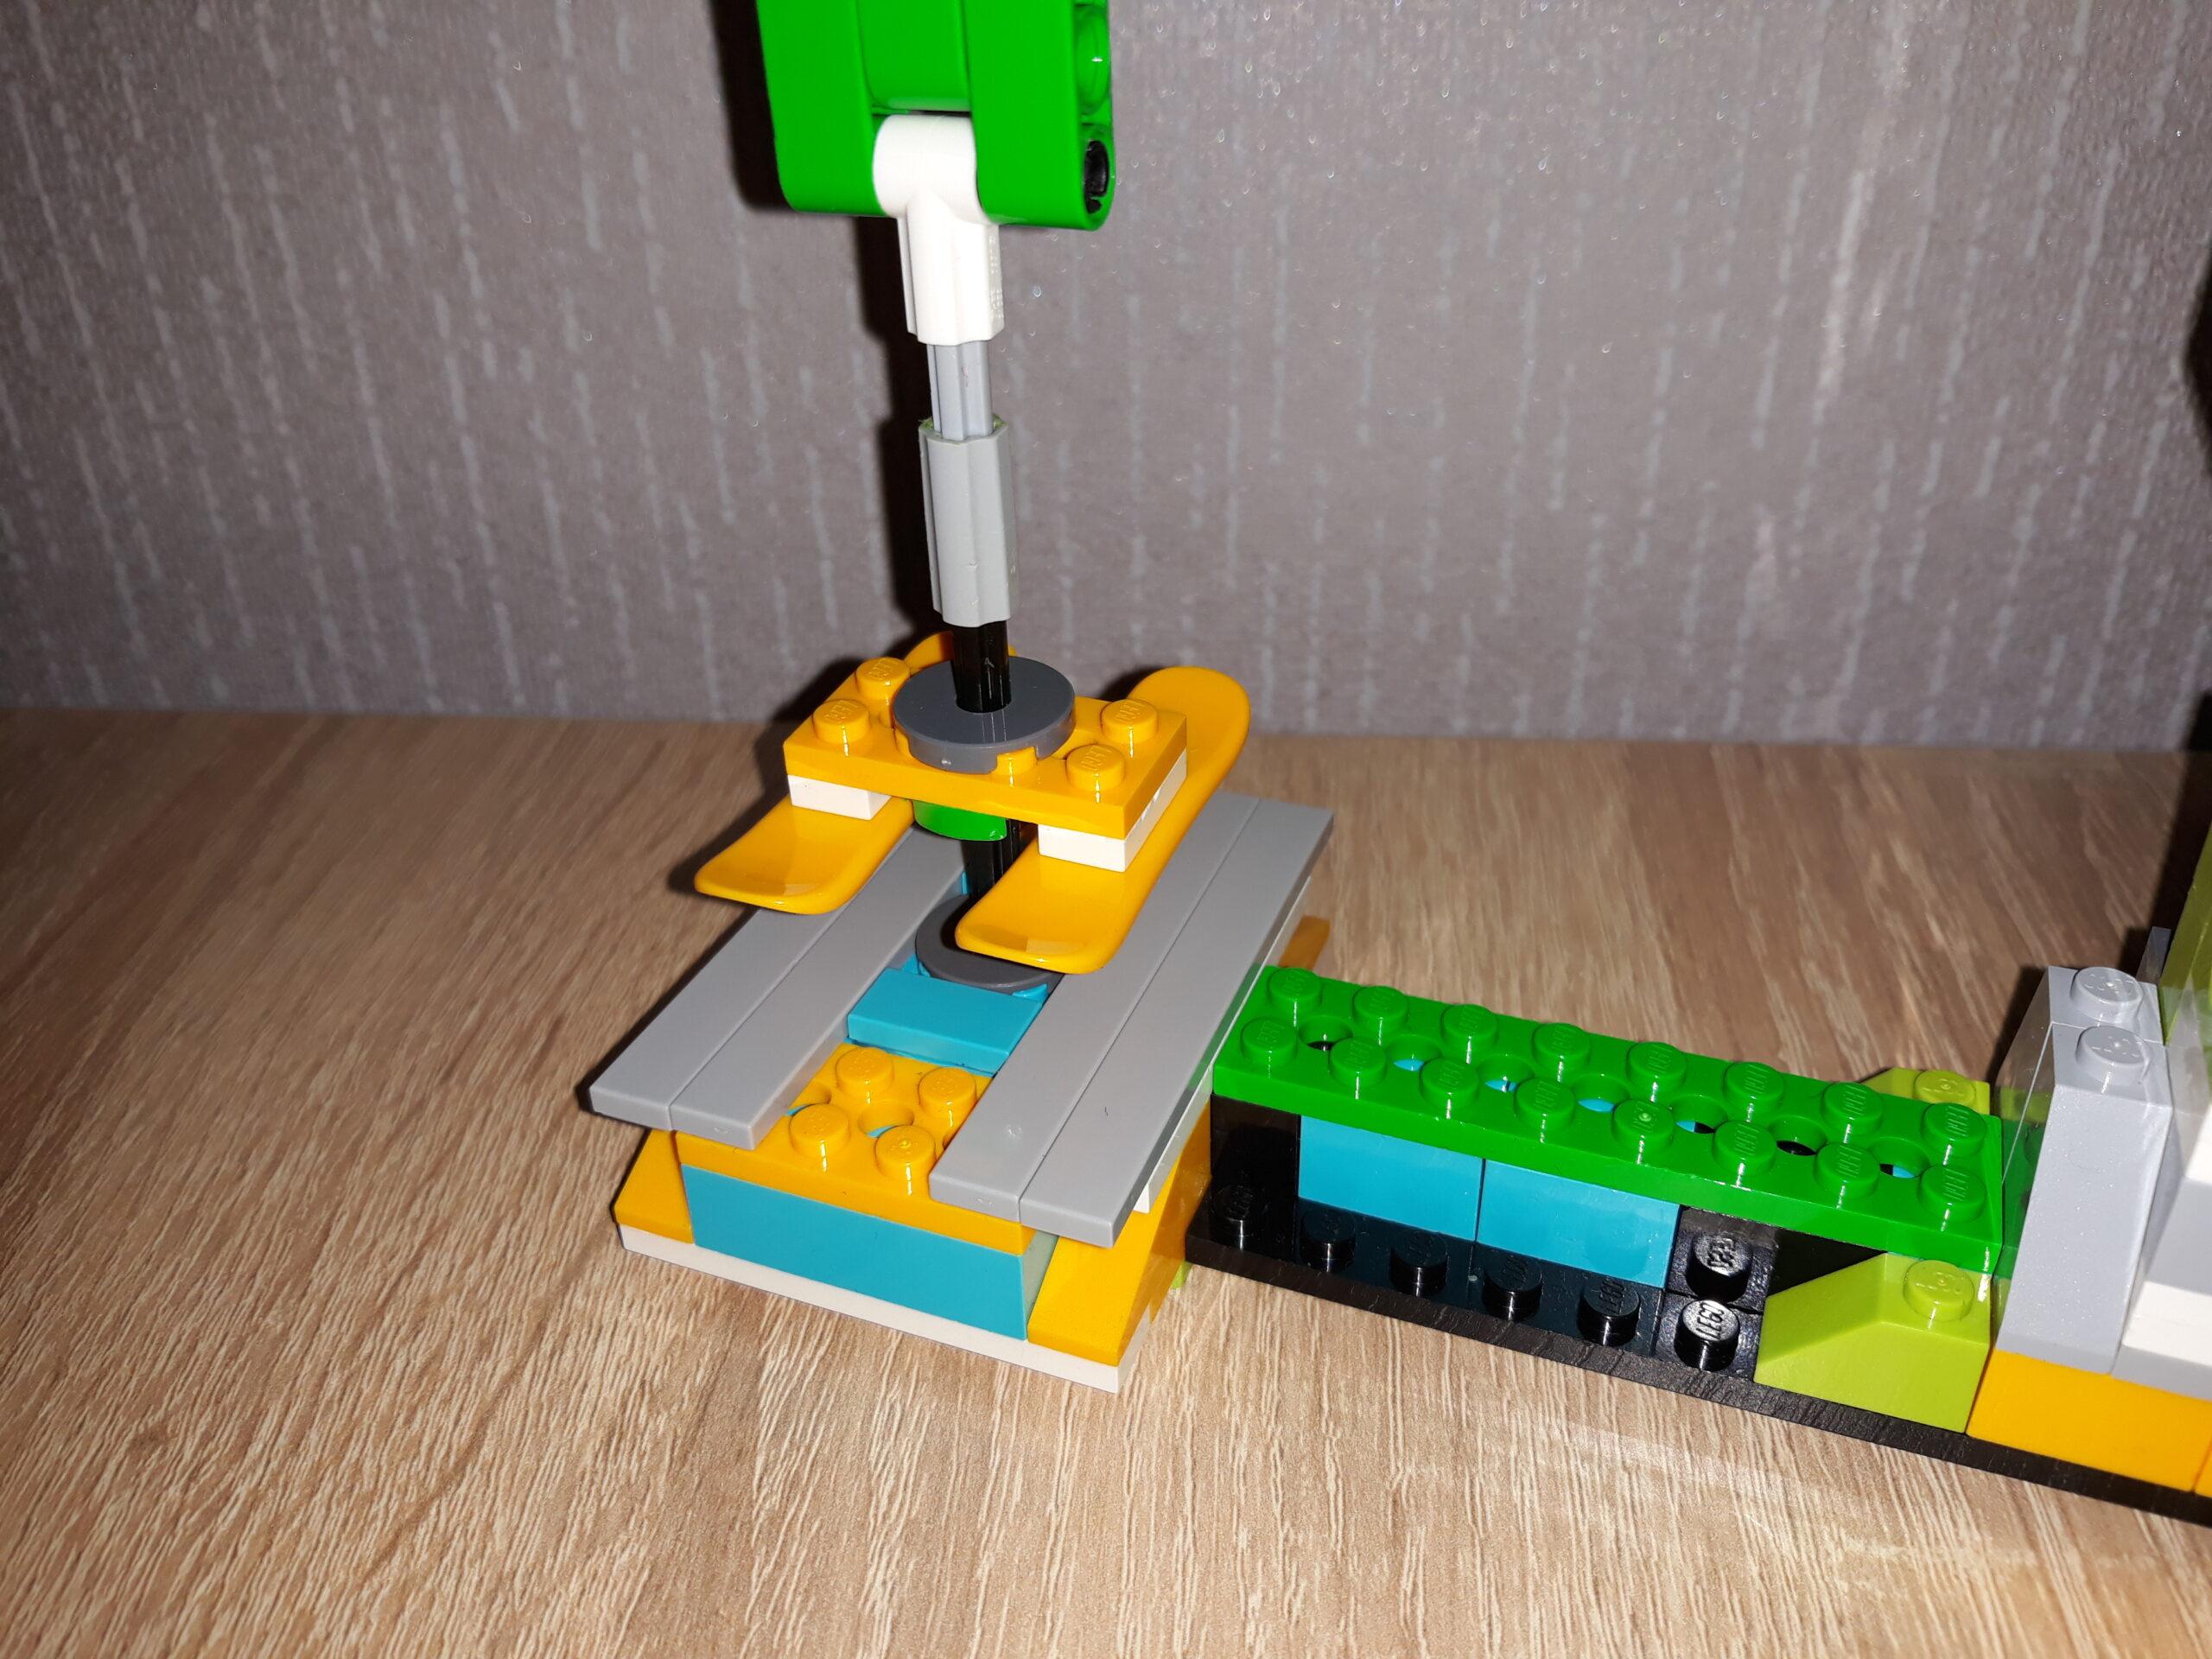 Инструкция по сборке из набора LEGO Education WeDo 2.0 Швейная машинка 3